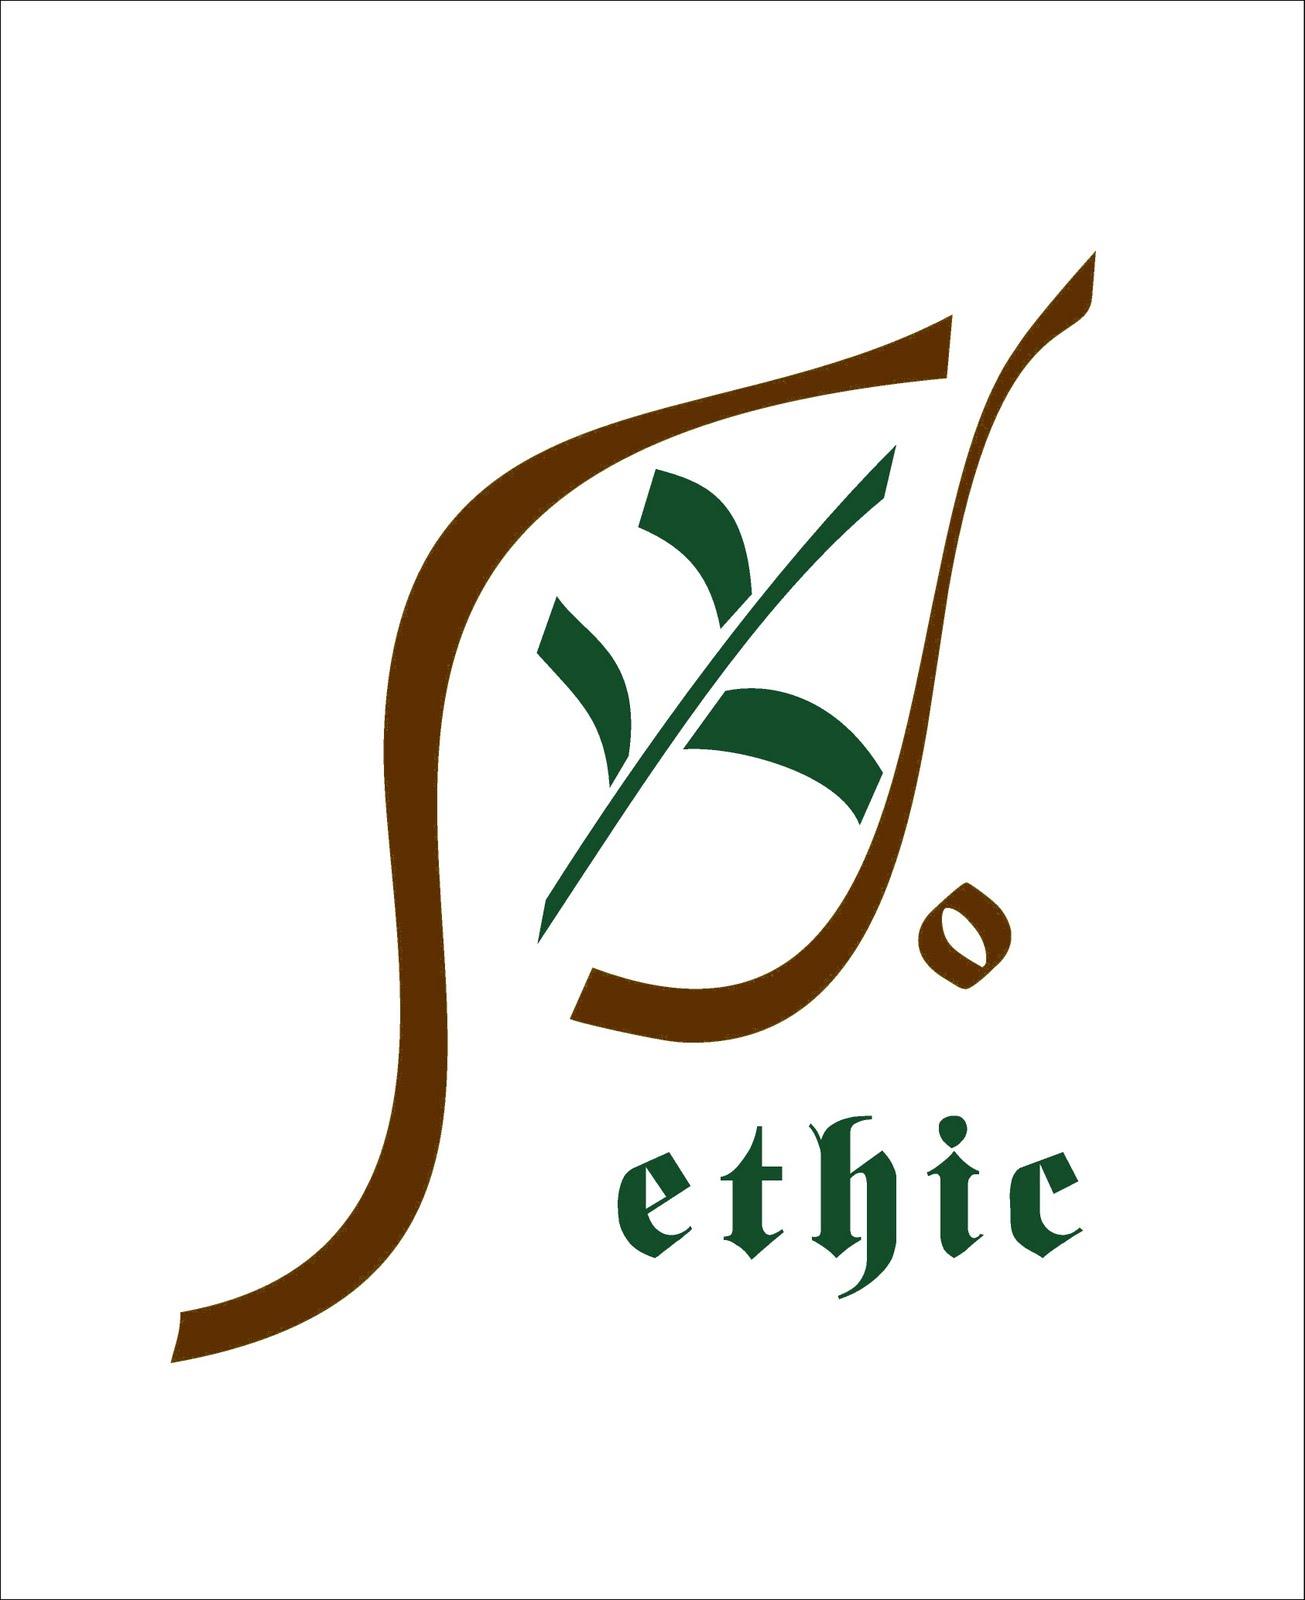 pankaj logo hd - photo #2